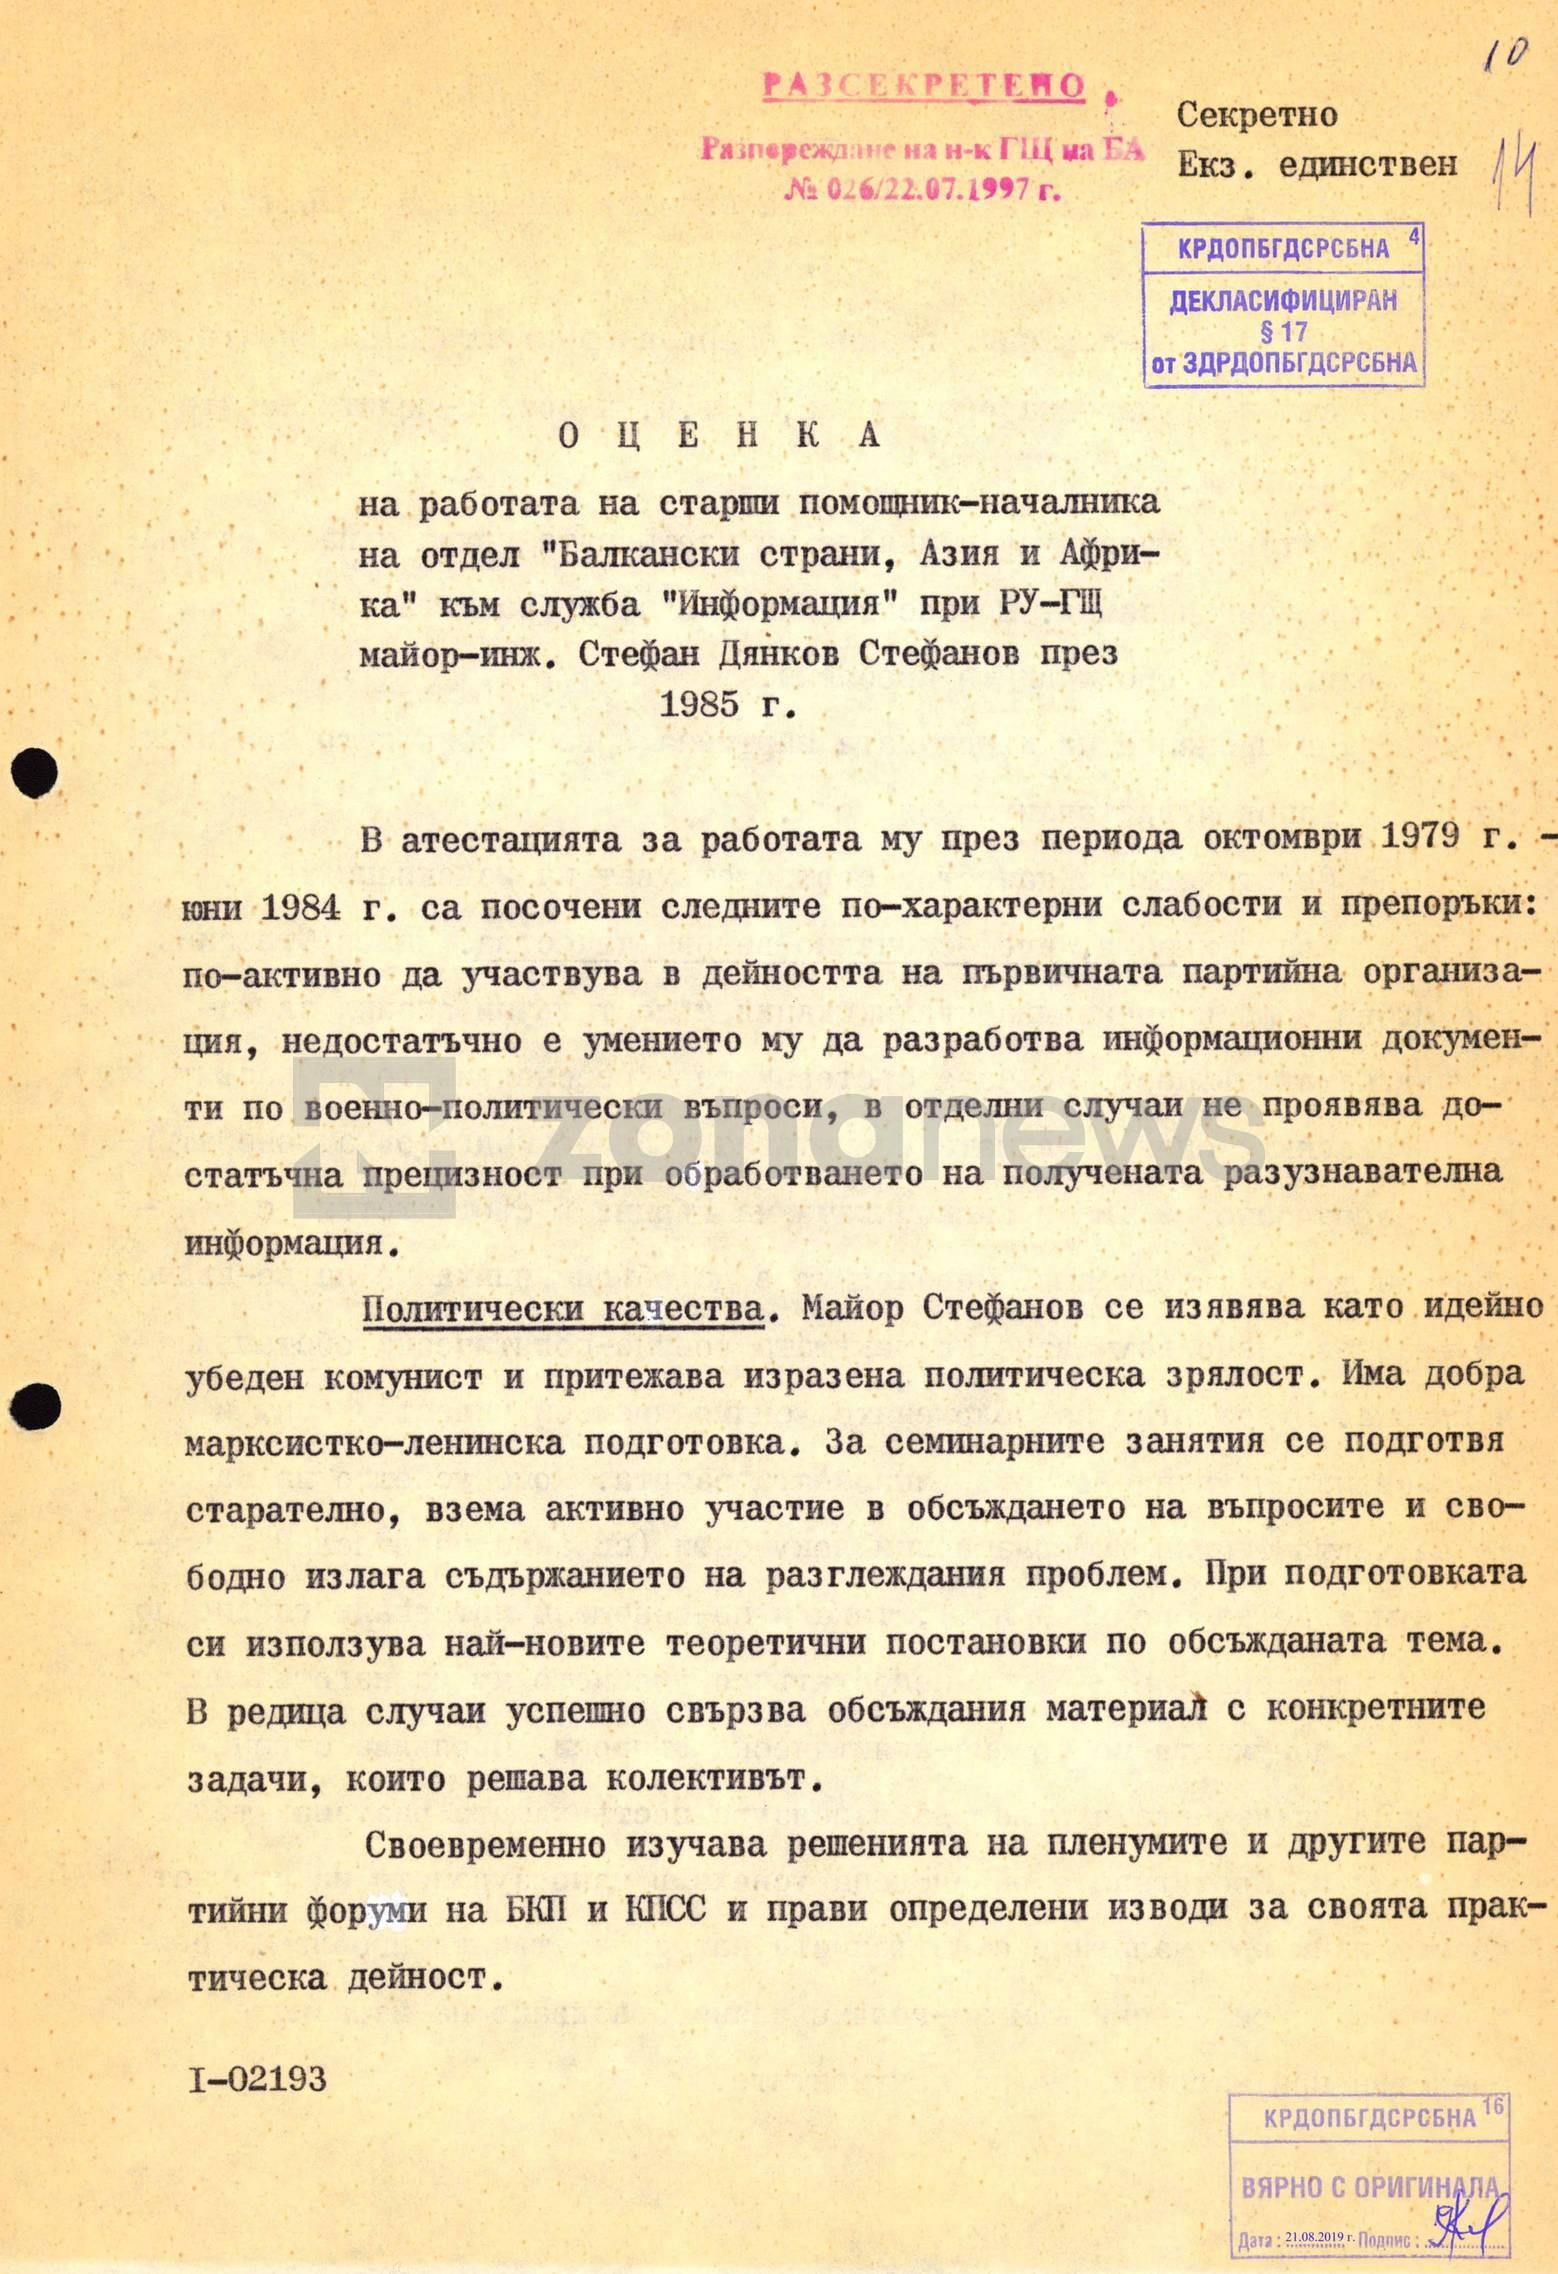 Оценка за работата на Стефан Дянков Стефанов в РУ-ГЩ за 1985 г.